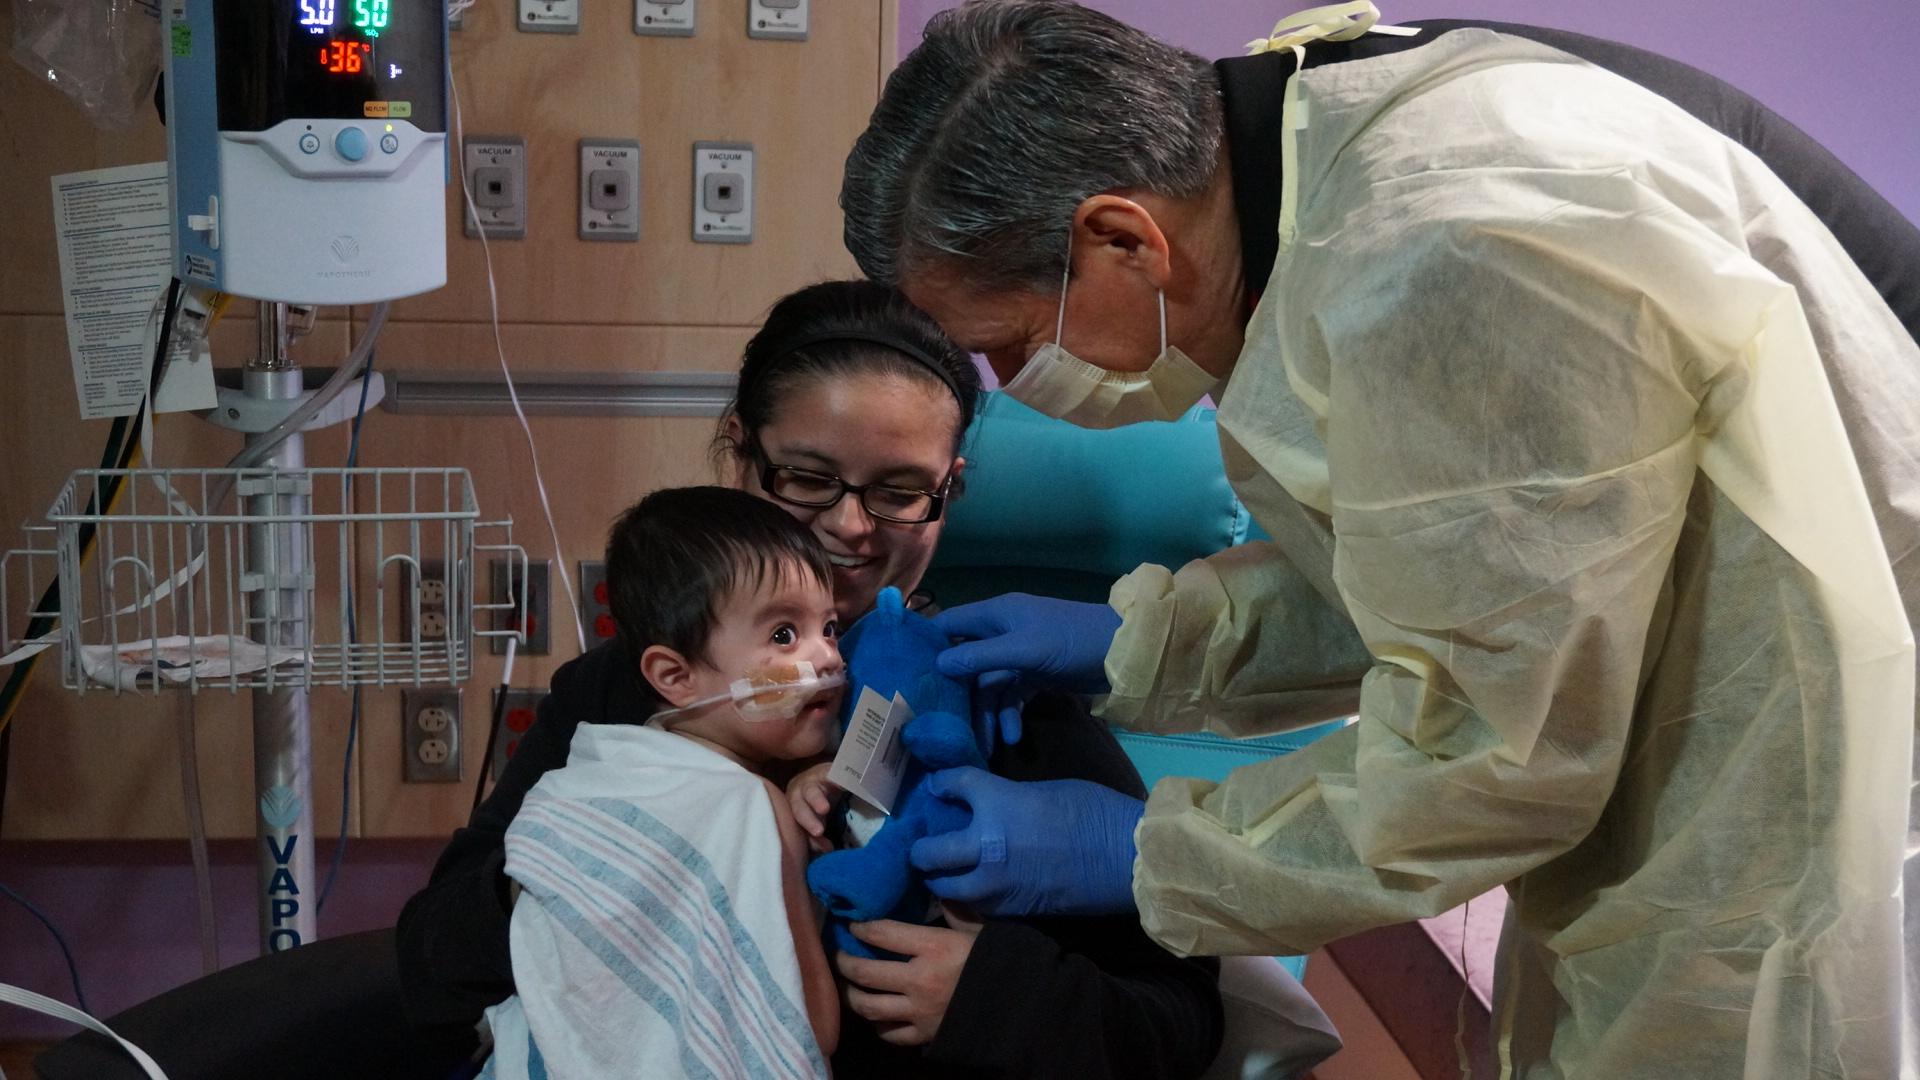 Archbishop Gustavo visits CHRISTUS Children's Hospital